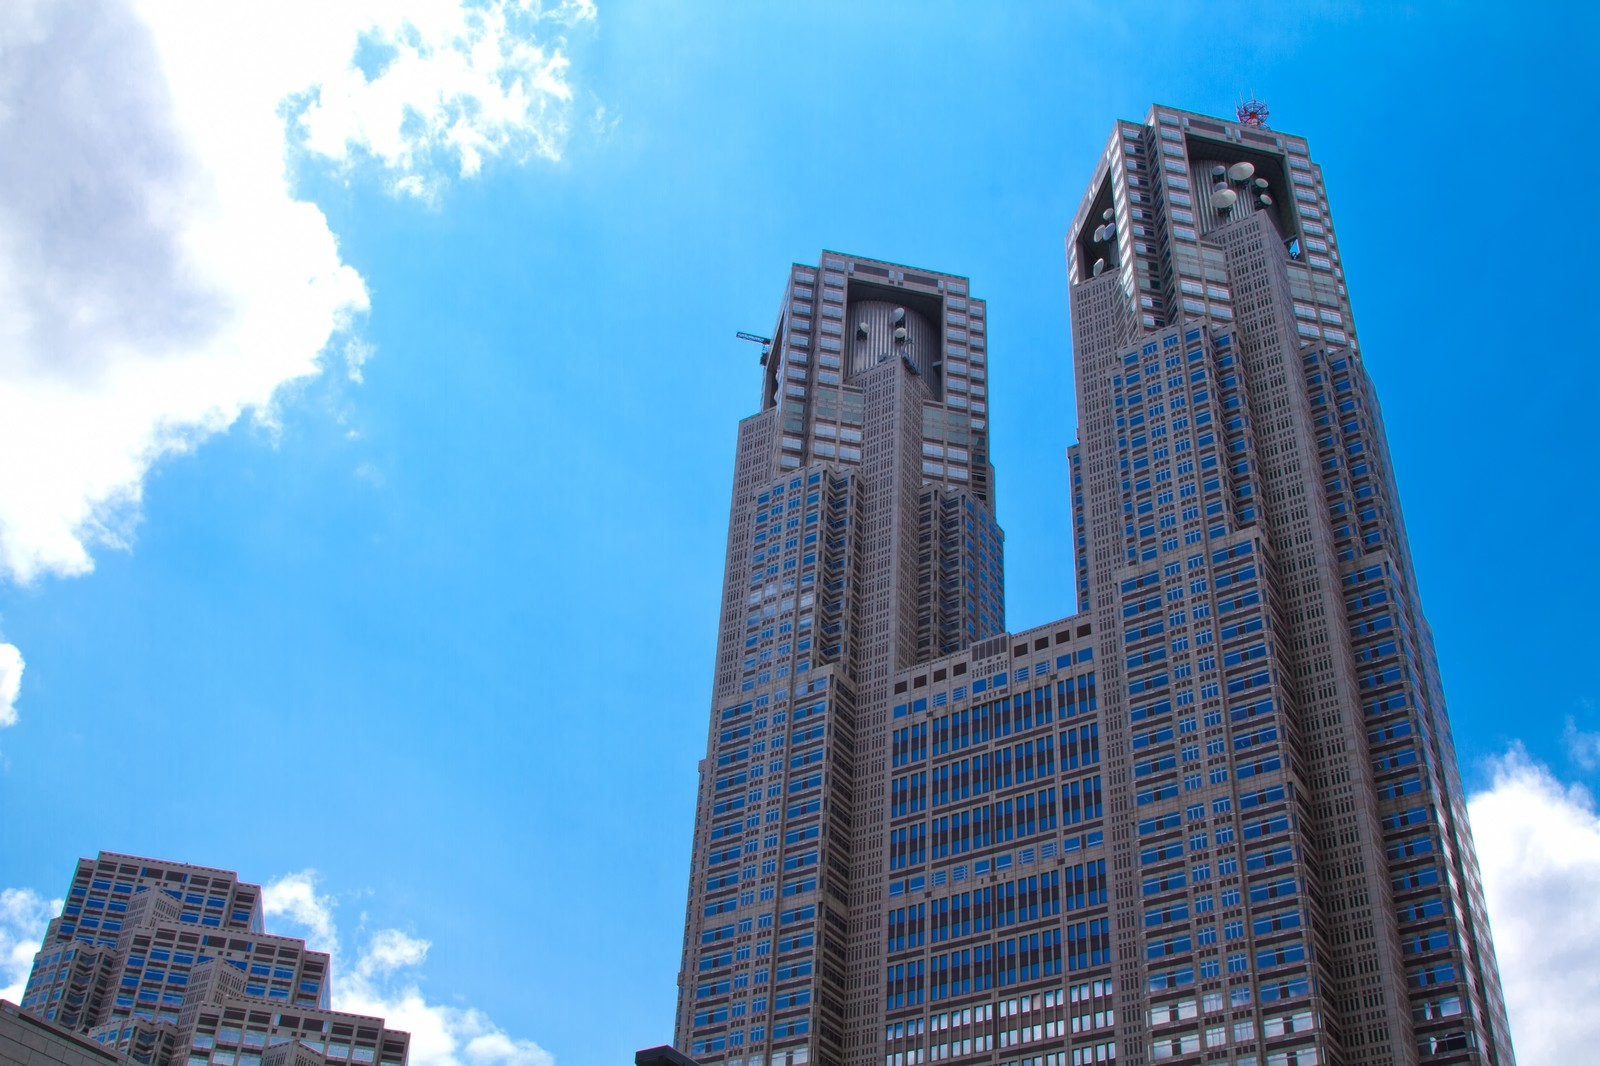 良く晴れた青空と東京都庁